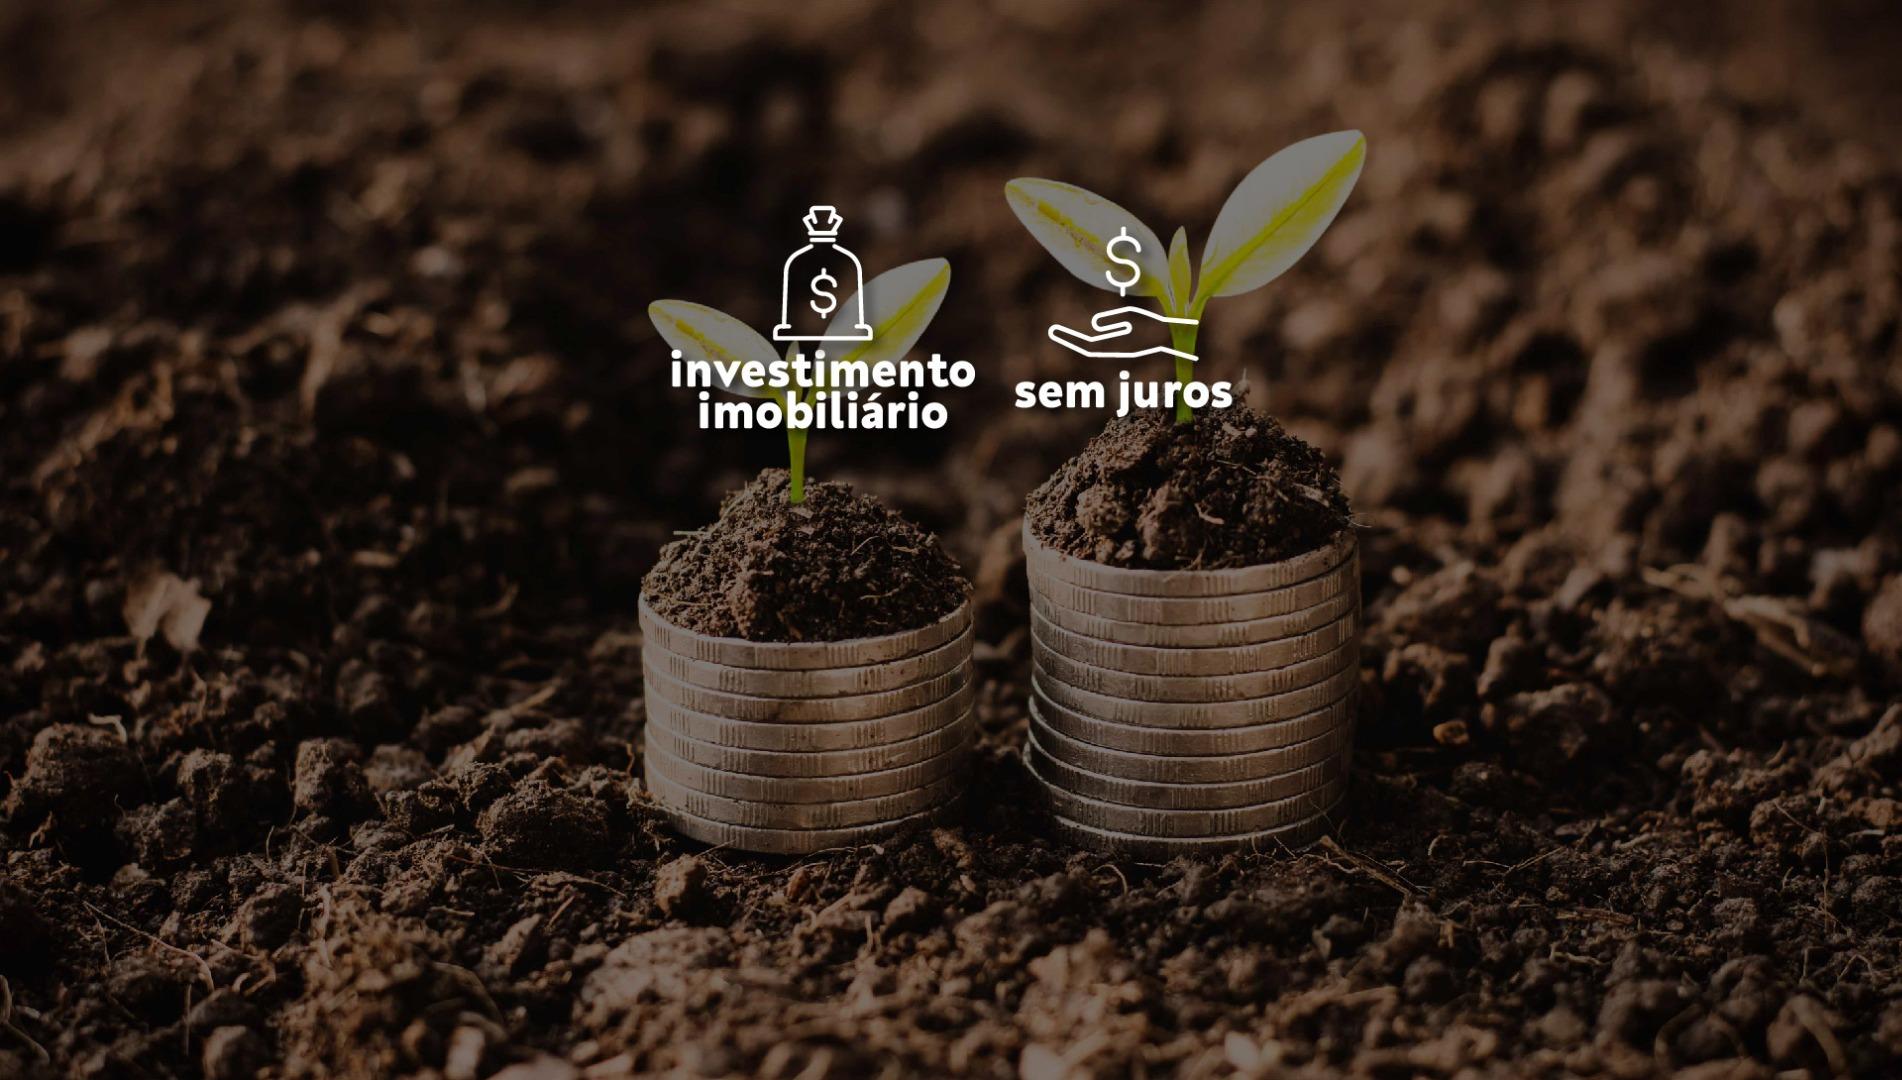 Planos de Investimento